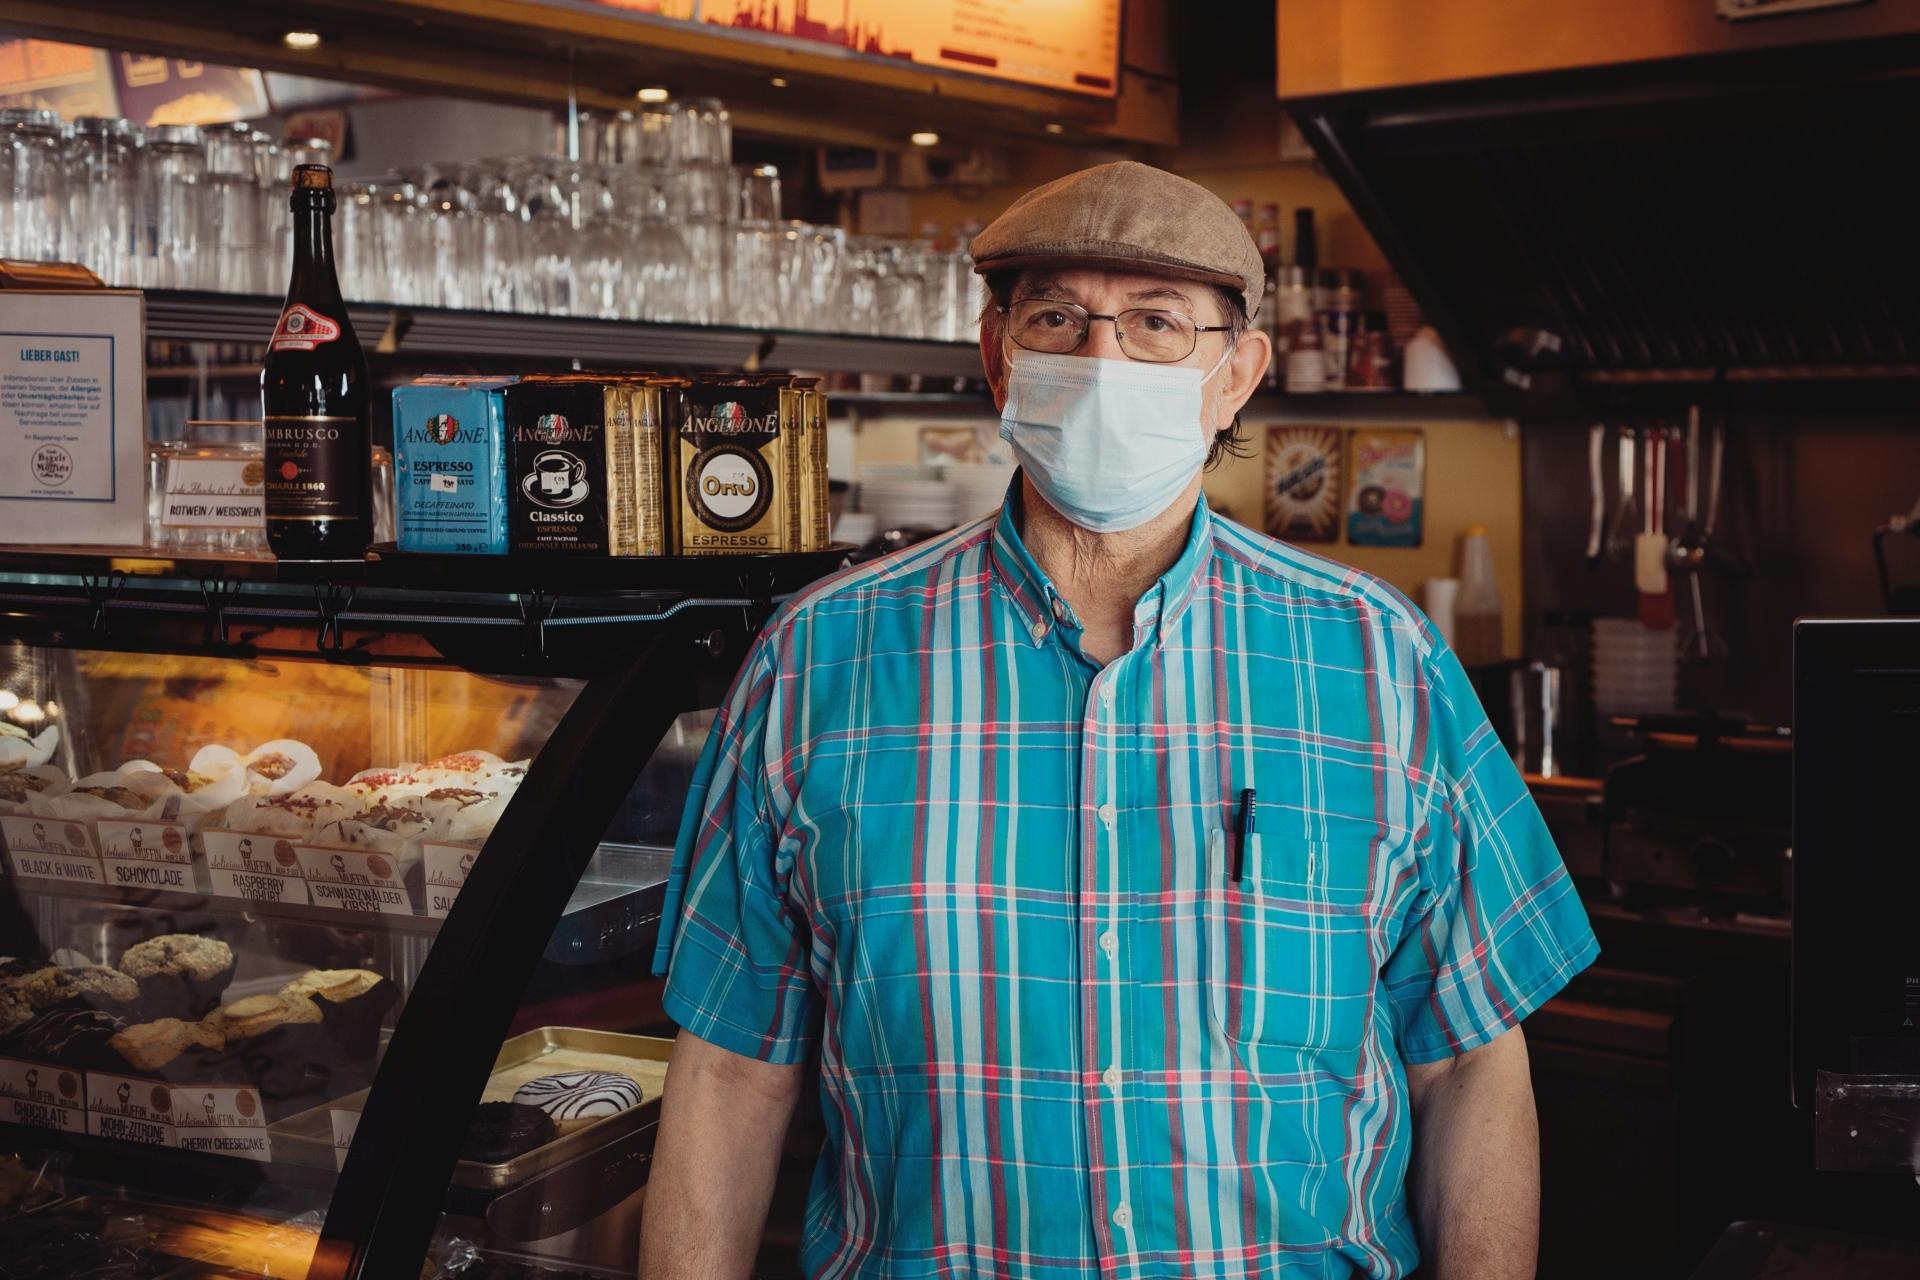 Gastronomie in den roten Zahlen, aufgrund der schwierigen Corona-Krise finden sich Restaurant und Barbetreiber in der Krise. Diese Fotoserie mit Interviews von dem Fotografen Steins Pictures möchte Aufmerksamkeit auf diese prekäre Lage in München erwecken: auf dem Bild ein älterer Gastrobetreiber mit Maske und Mütze vor seiner Theke